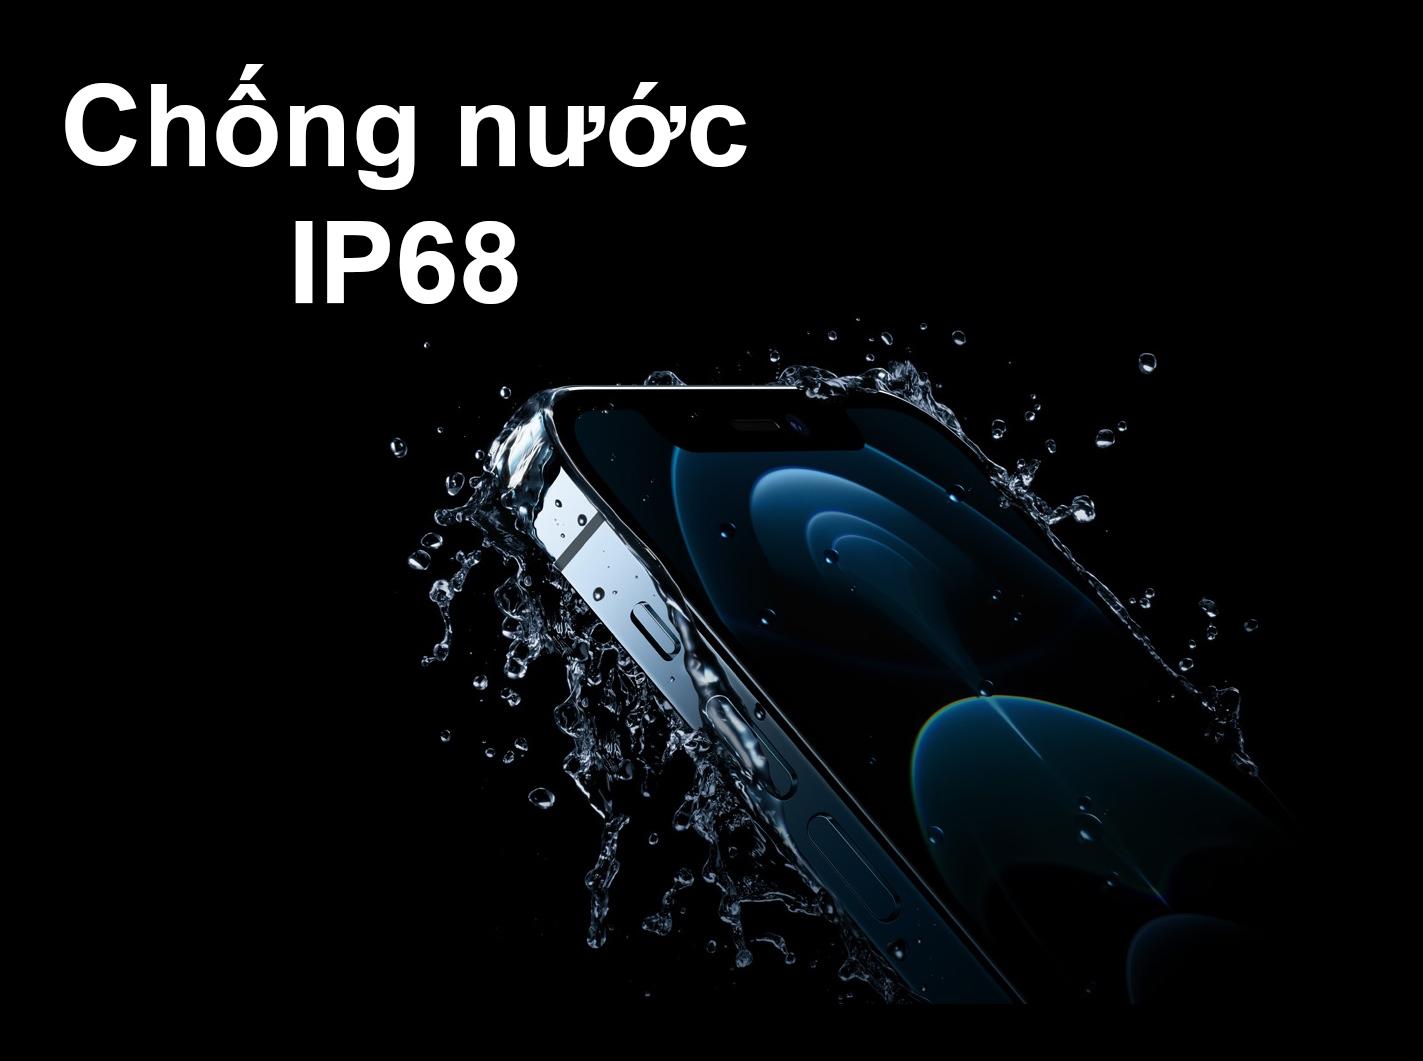 iPhone 12 Pro Max 128 GB | Chống nước IP68